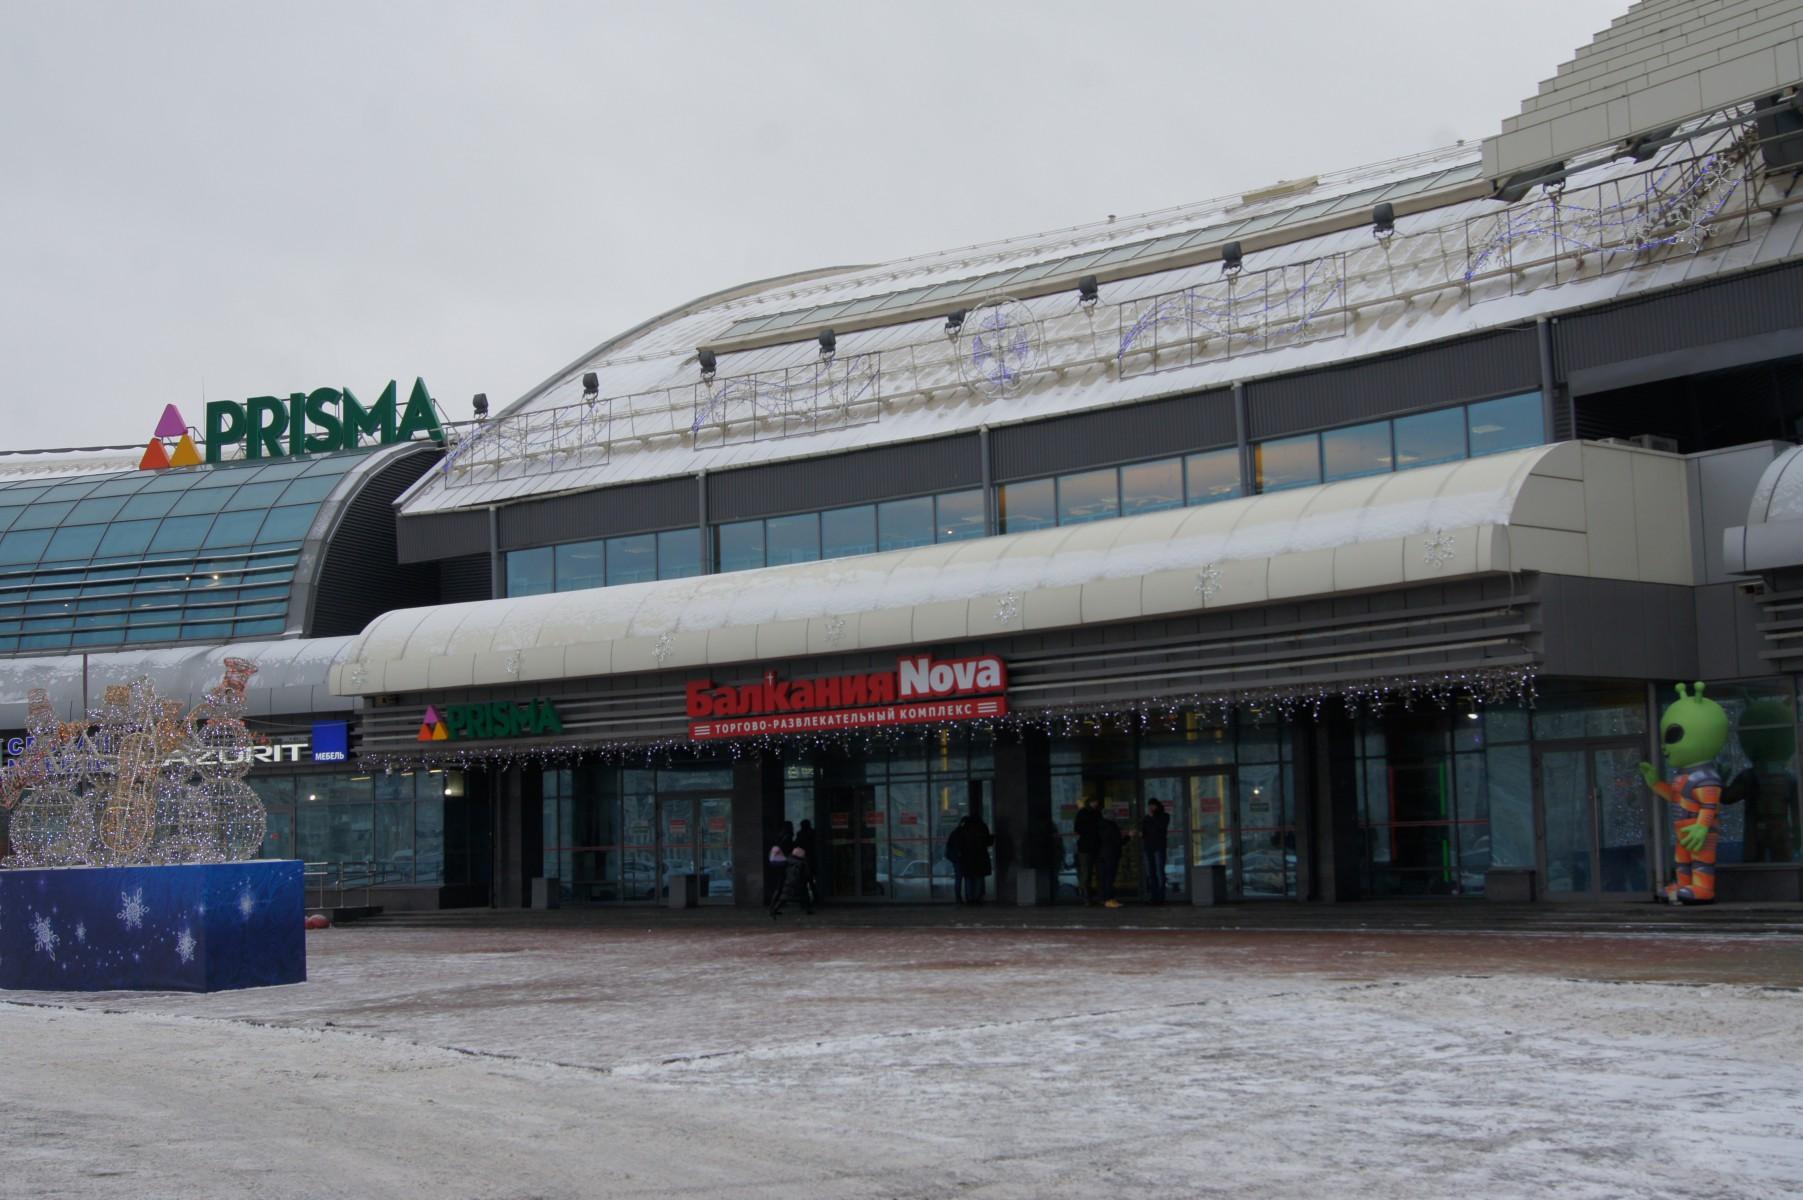 Адамант-строй, «Призма» в здании «Балкания NOVA», 1091